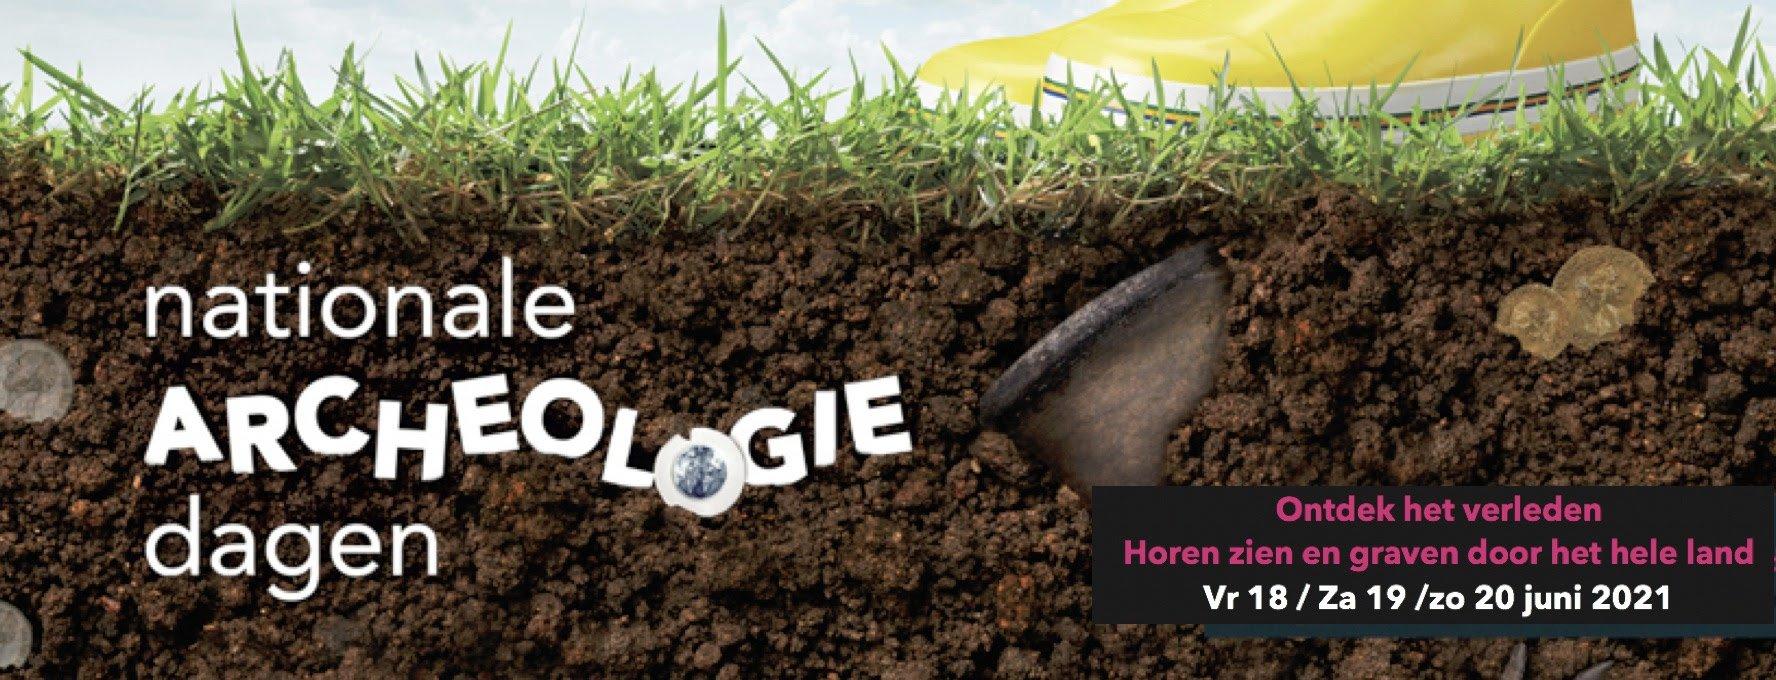 De Nationale Archeologiedagen gaan weer van start